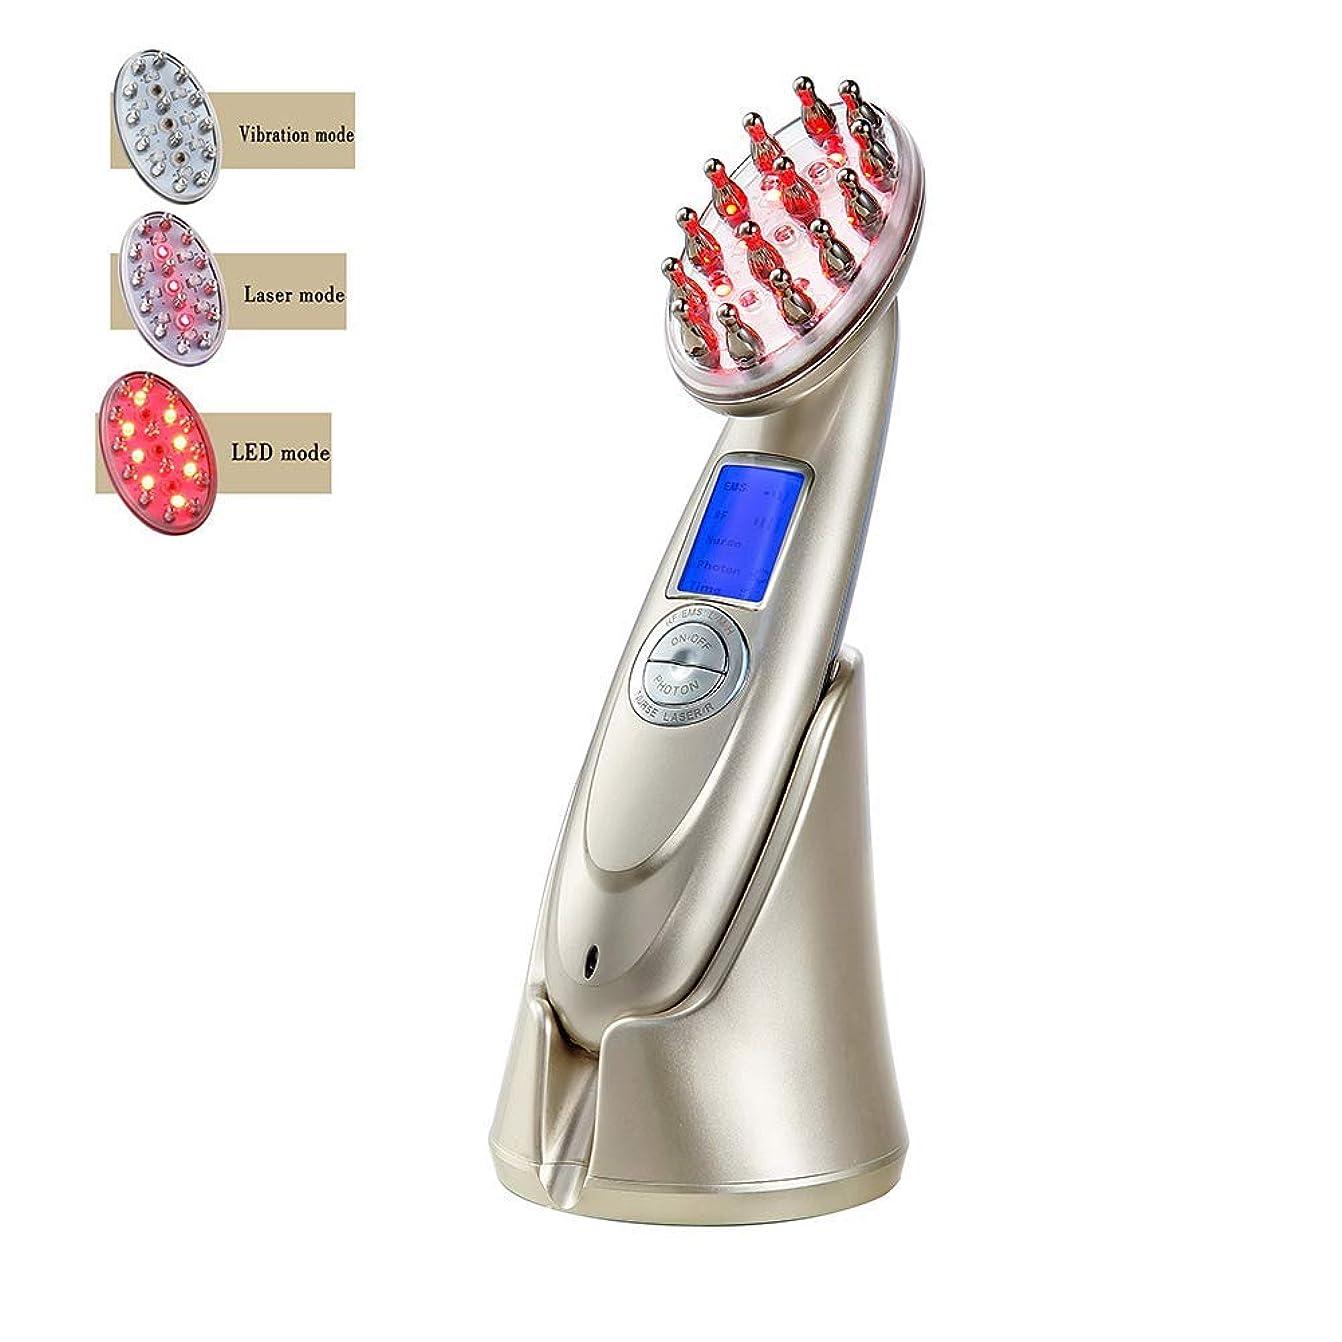 滝微弱がっかりするプロの電気毛の成長レーザーの櫛は RF の EMS LED の光子ライト療法のヘアブラシの反毛の損失の処置マッサージ器の毛の再生のブラシ